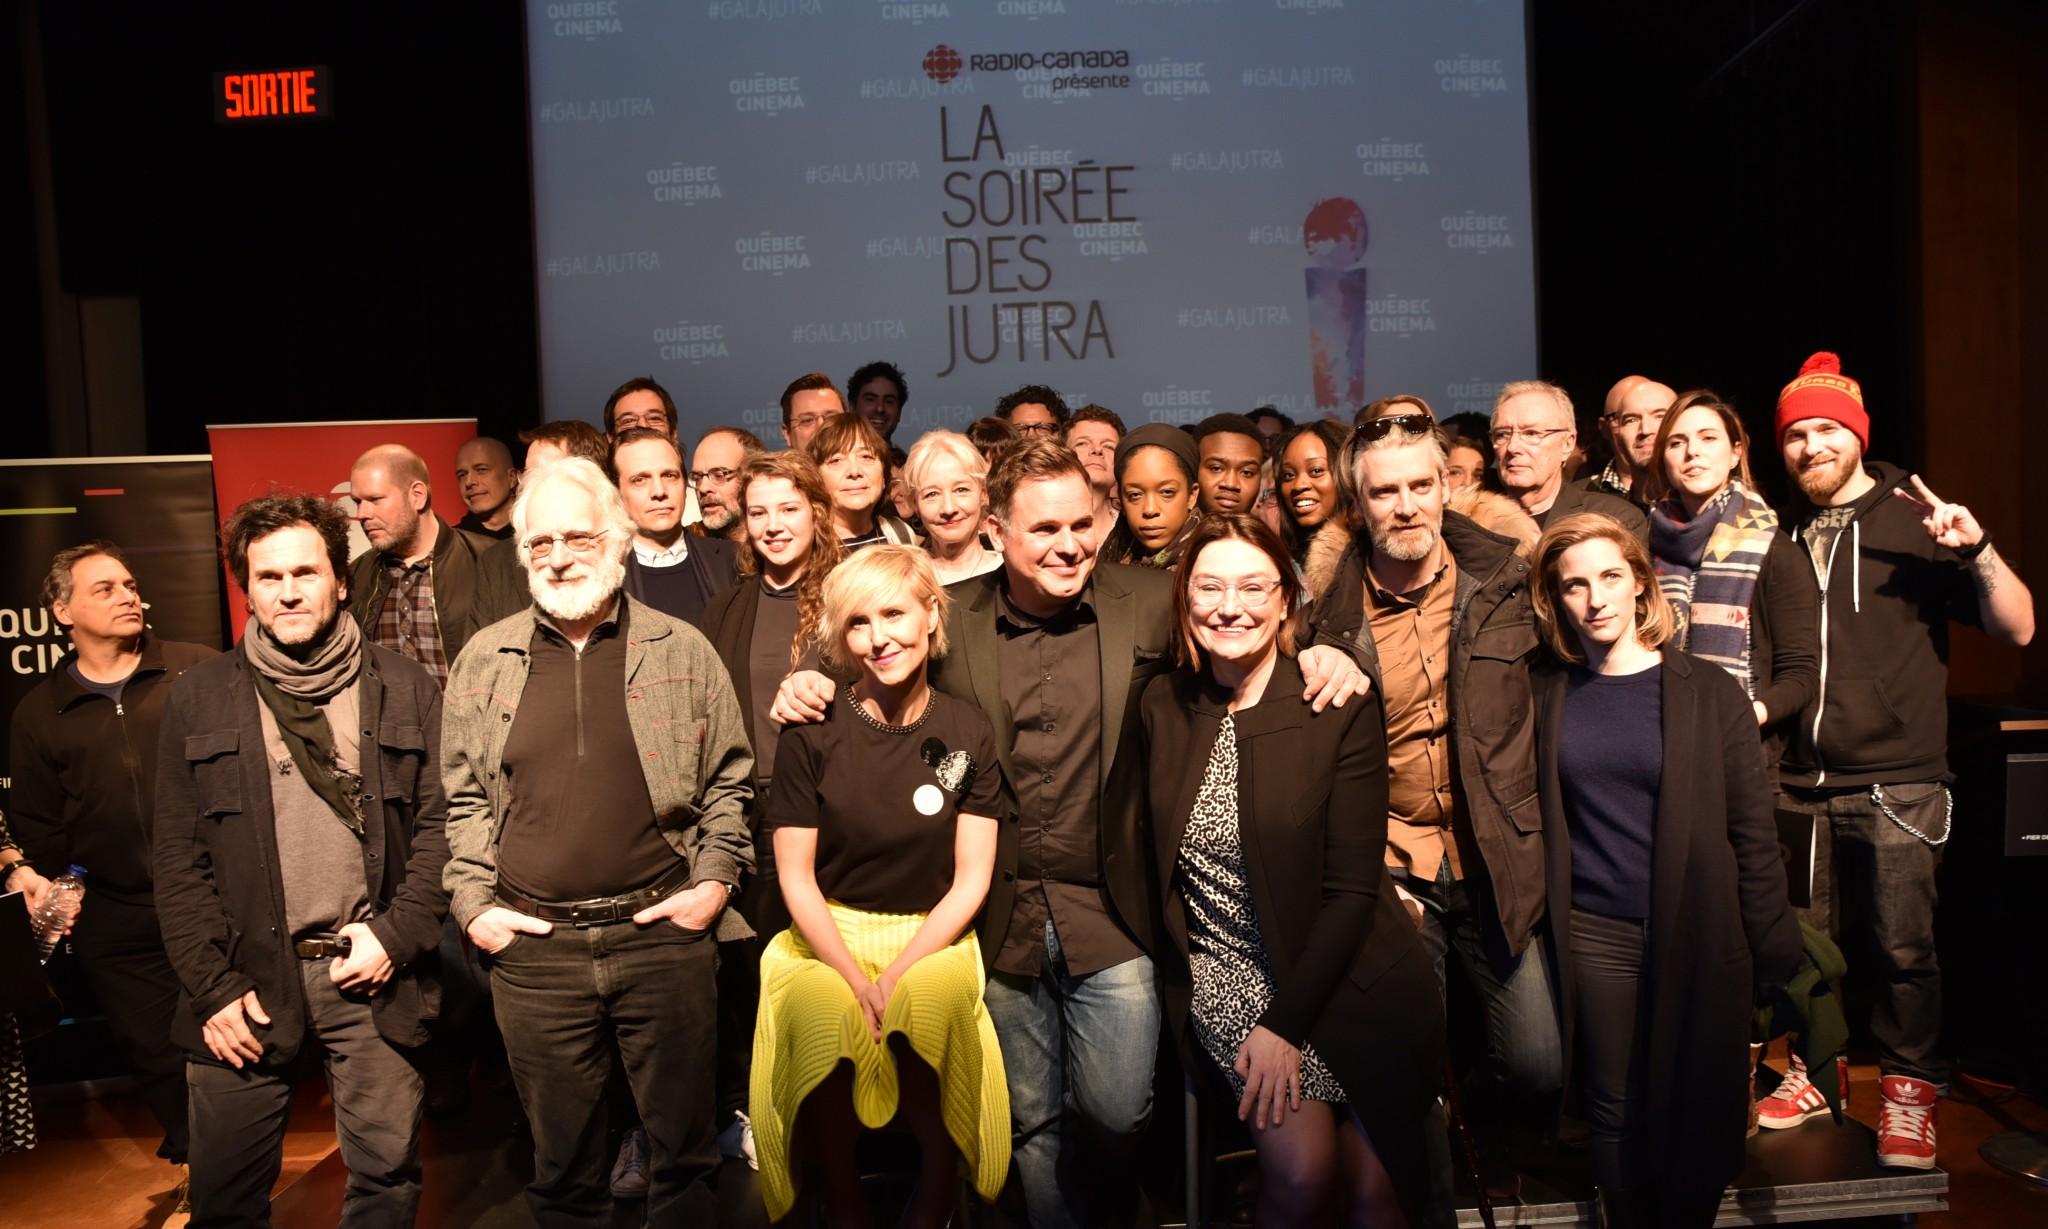 SOIRÉE DES JUTRA - Corbo, La passion d'Augustine, Elephant Song et Les êtres chers  en tête des nominations